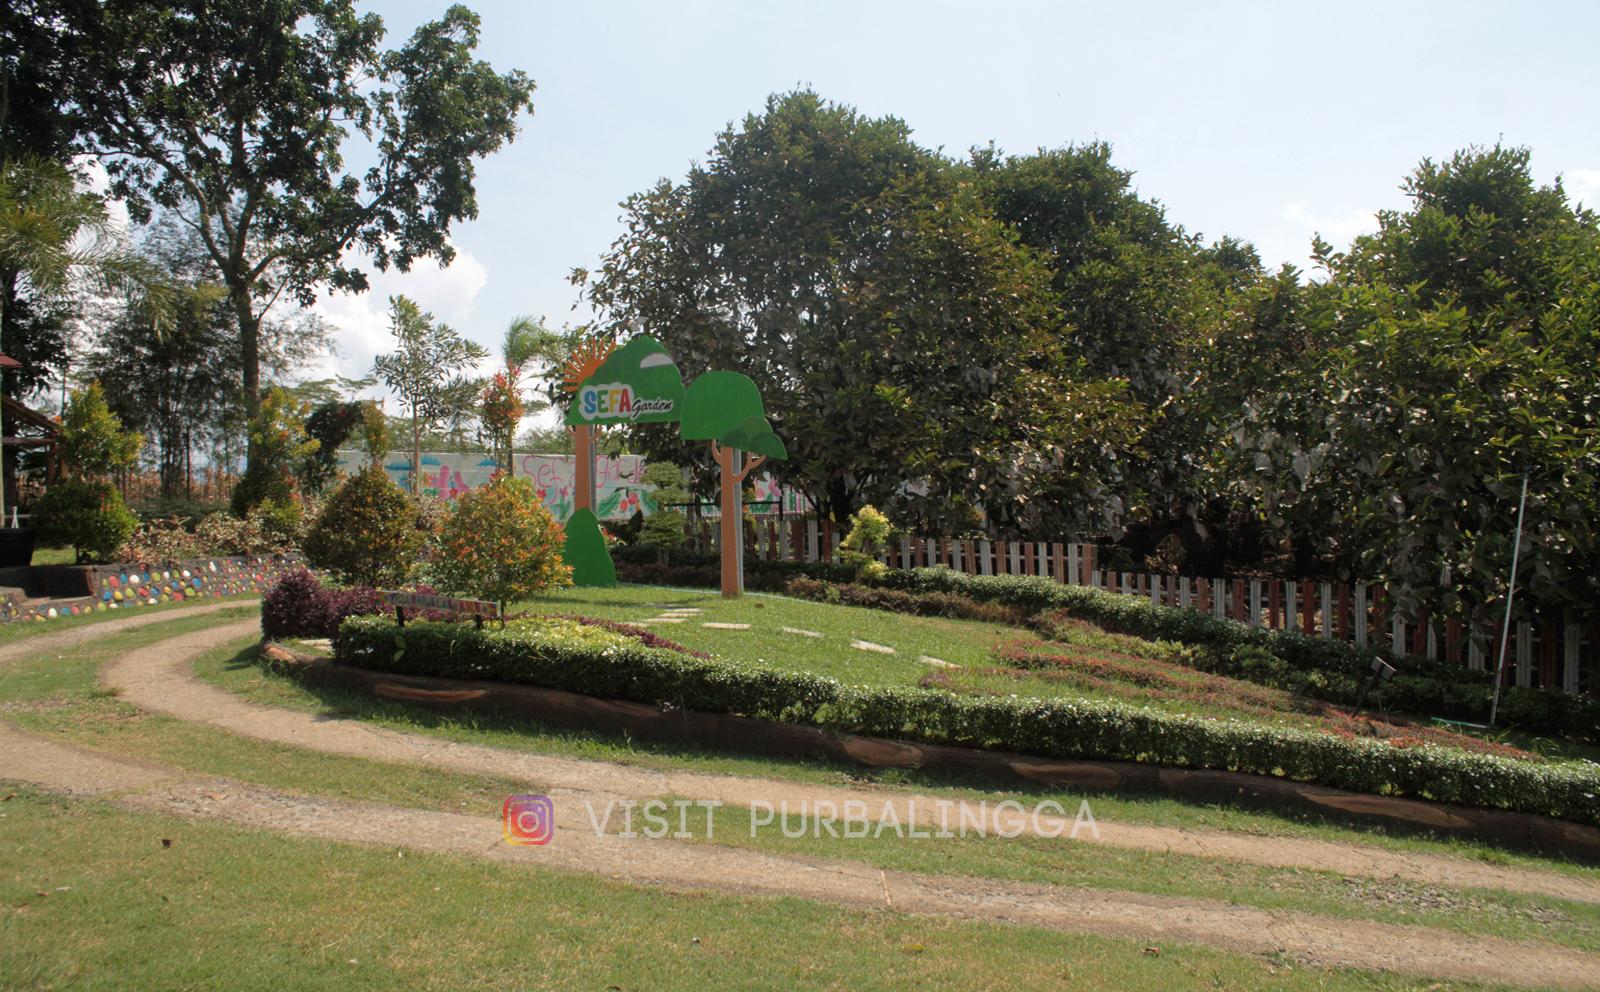 Sefa Garden Purbalingga